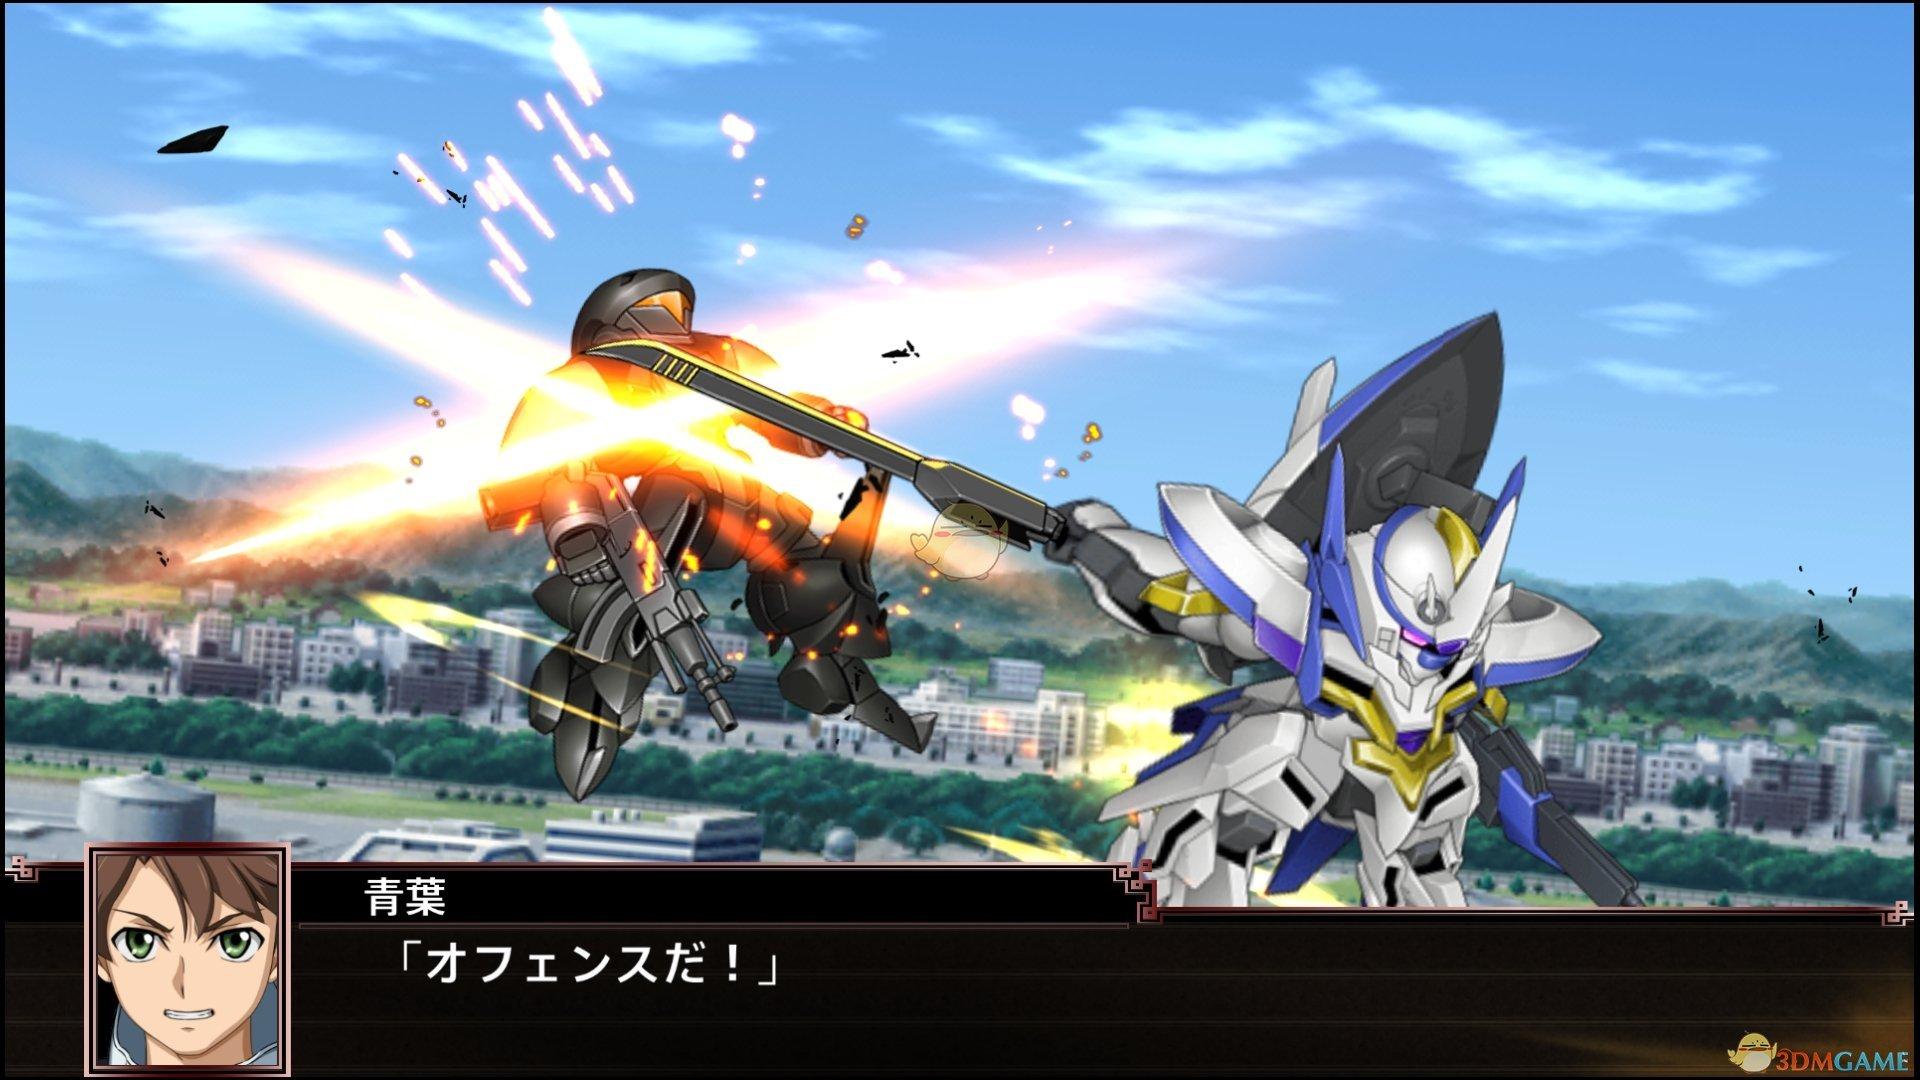 《超级机器人大战X》第36话决战密斯路基皇国SR攻略